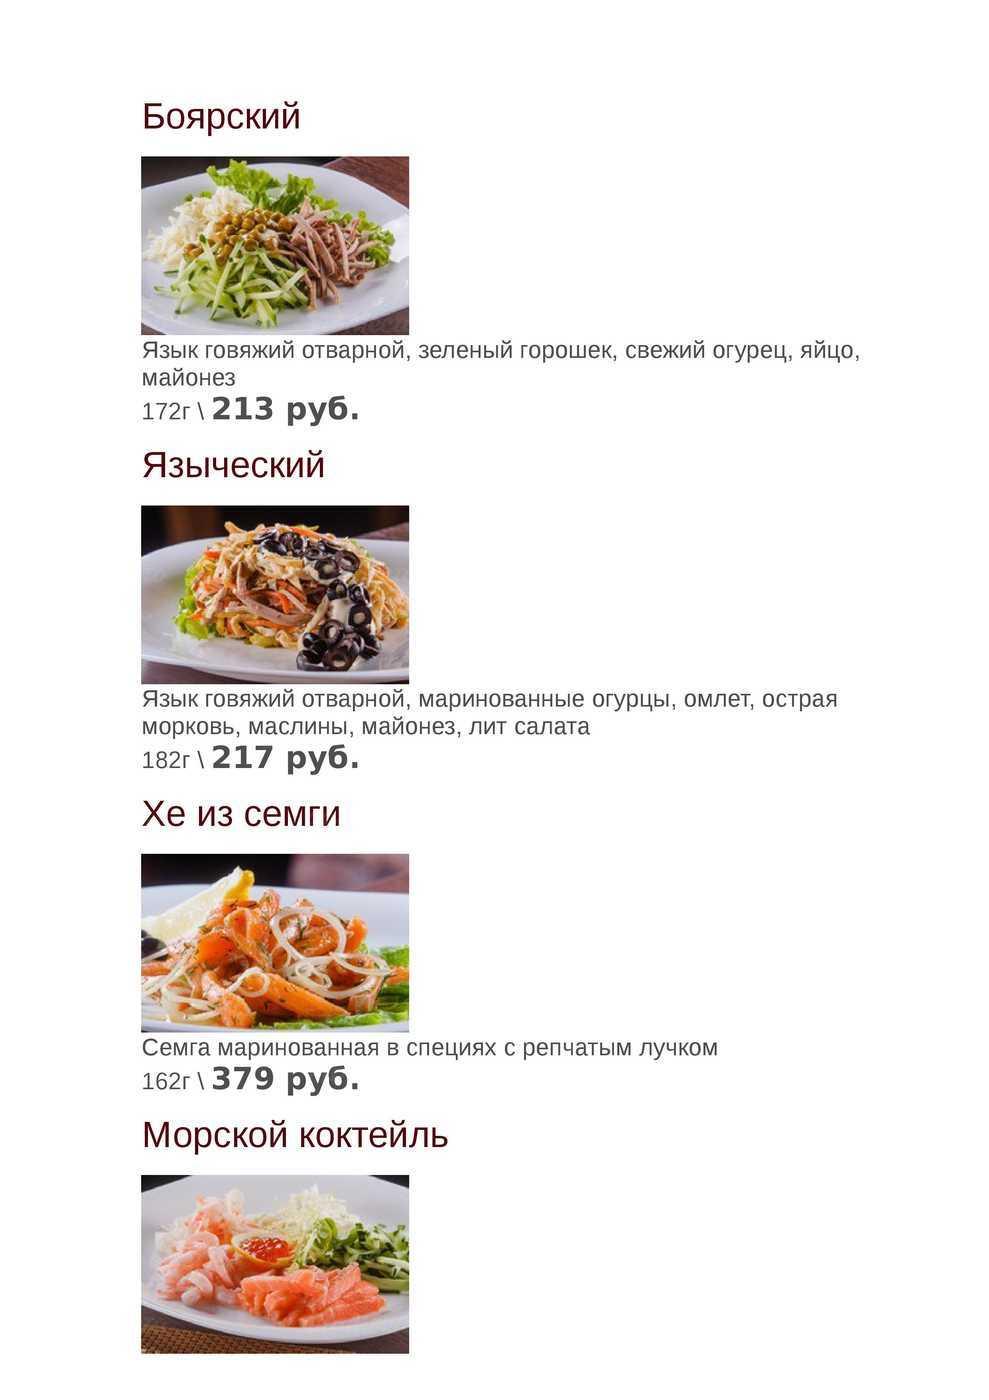 Меню кафе Ермак на проспекте имени газеты Красноярский Рабочий фото 8